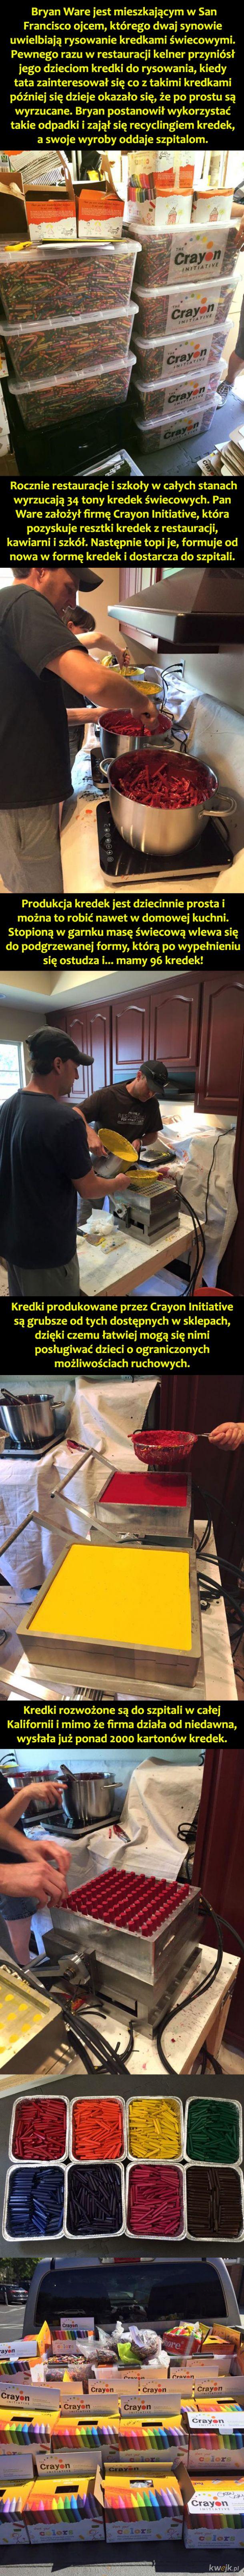 Przedsiębiorczy tata, który postanowił z odpadów produkować kredki dla dzieci w szpitalach